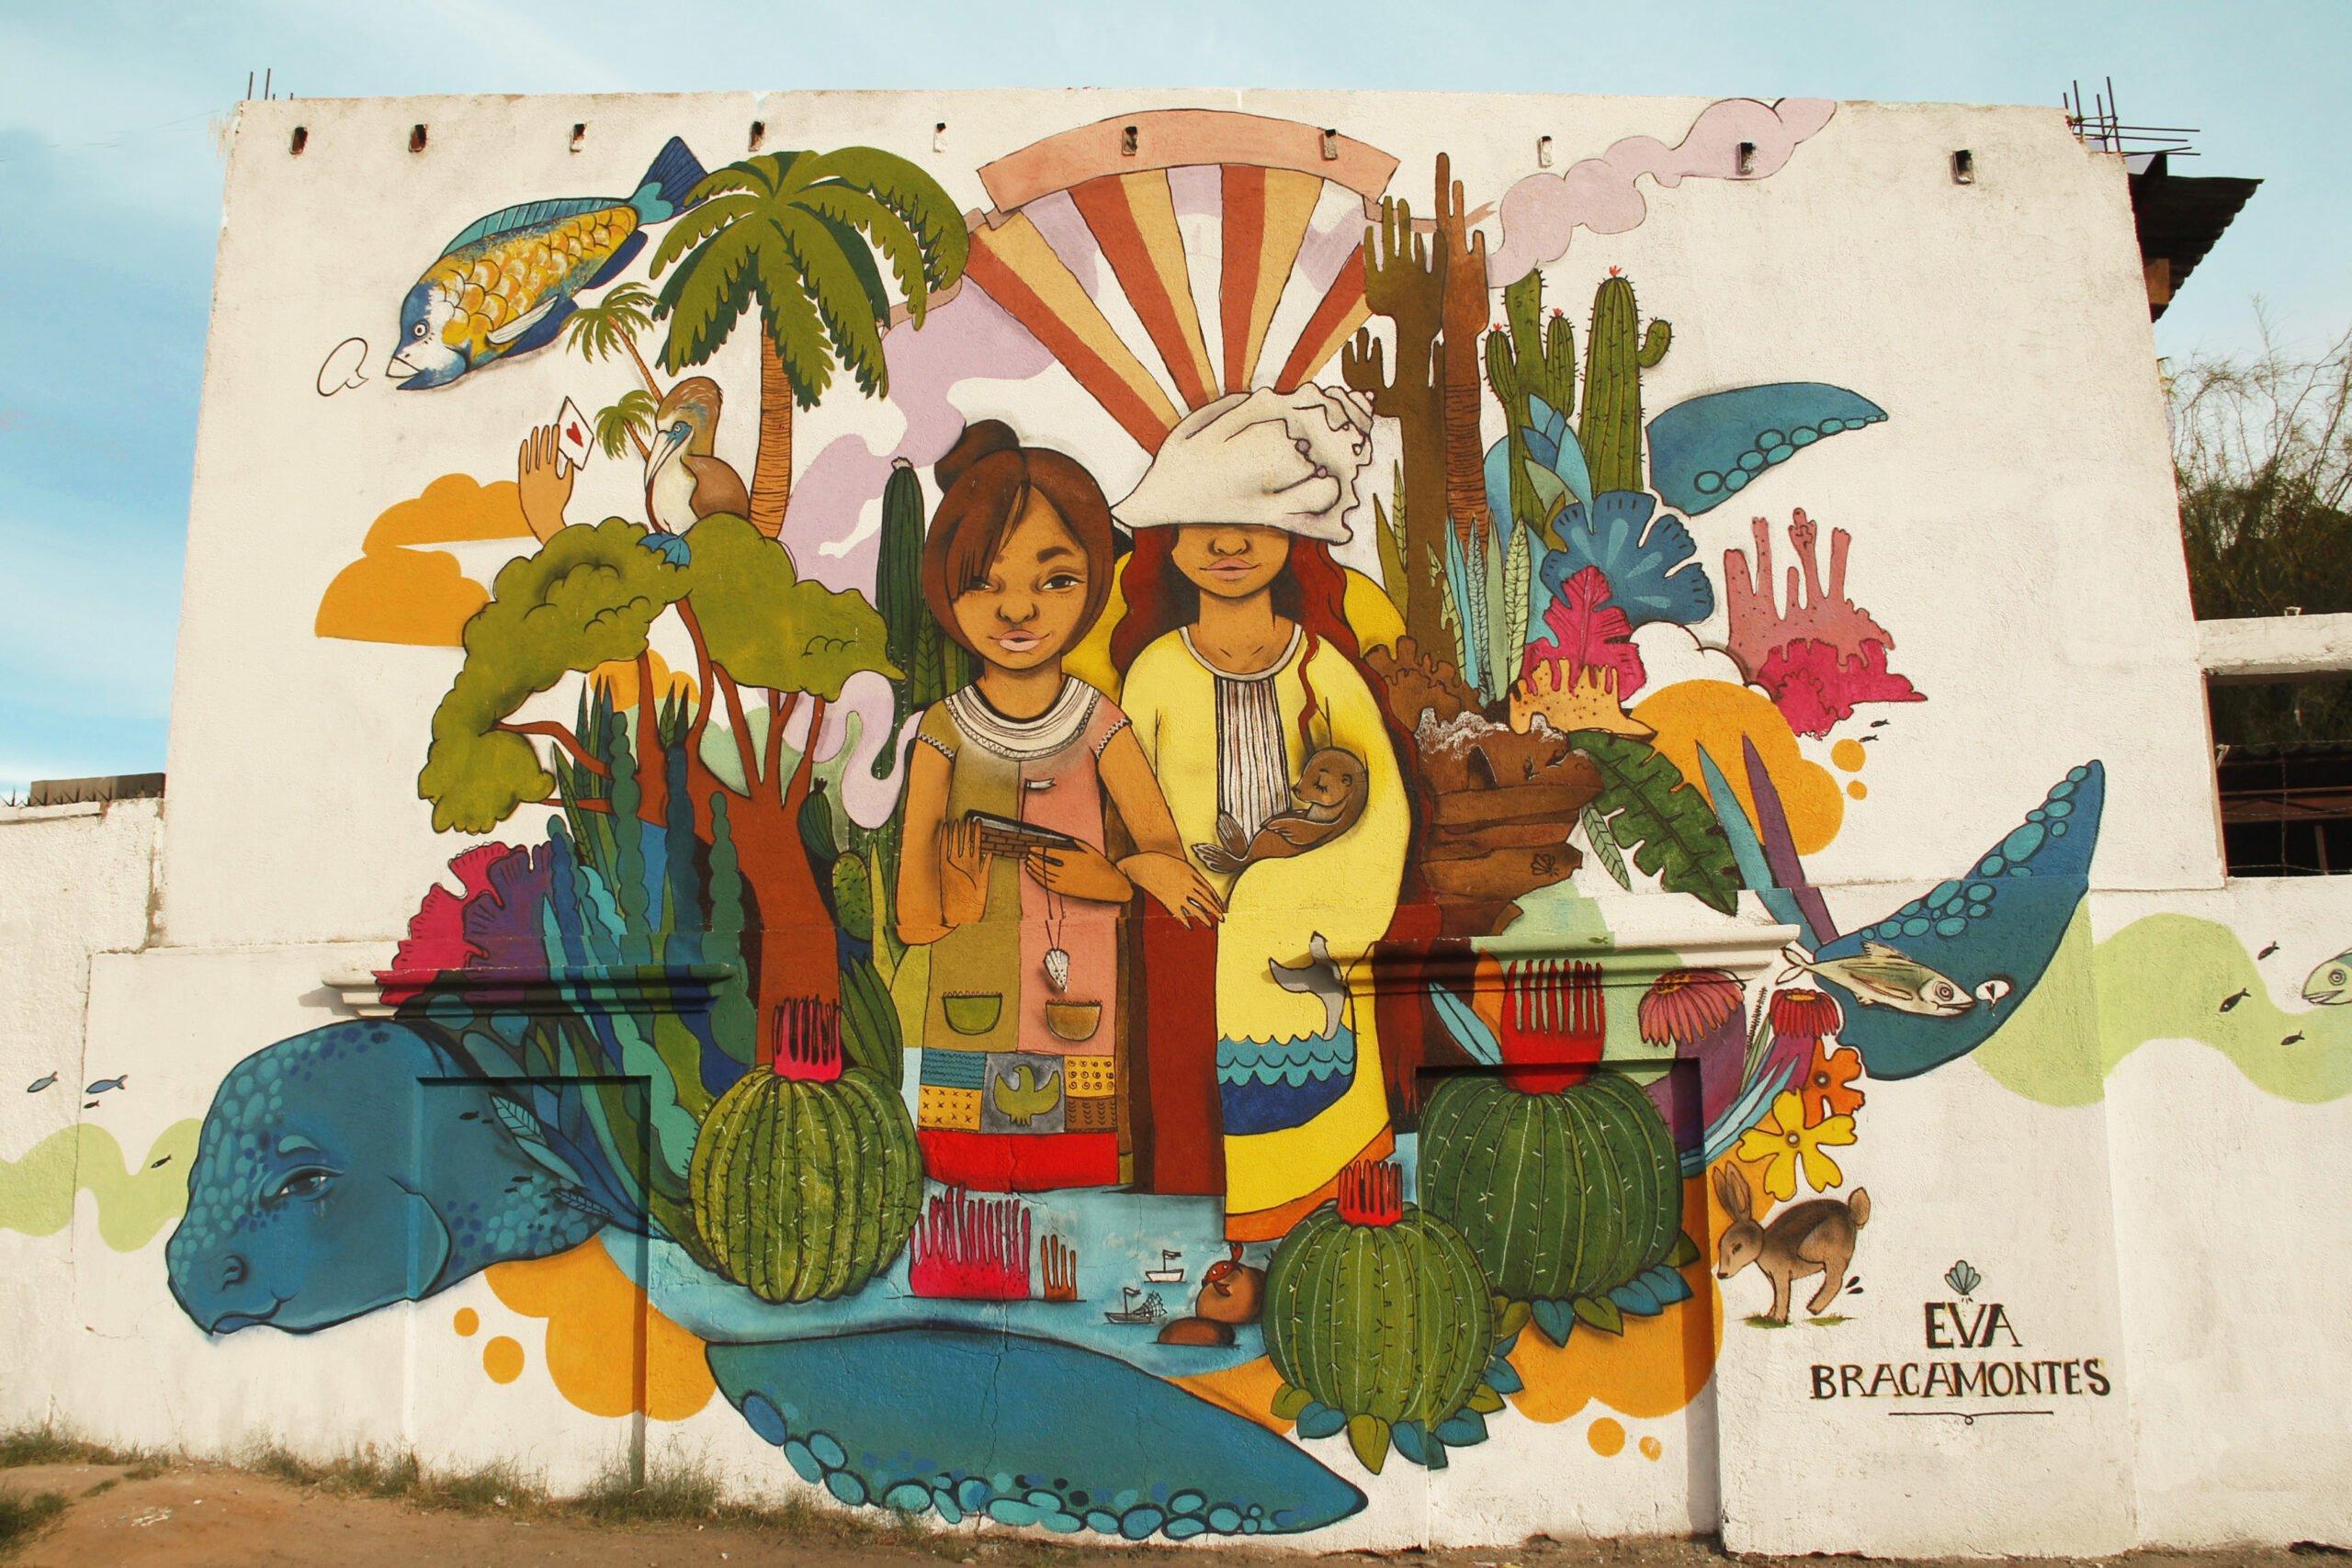 mural de Eva Bracamontes que muestra a dos mujeres en medio de varios ecosistemas y rodeadas de animales